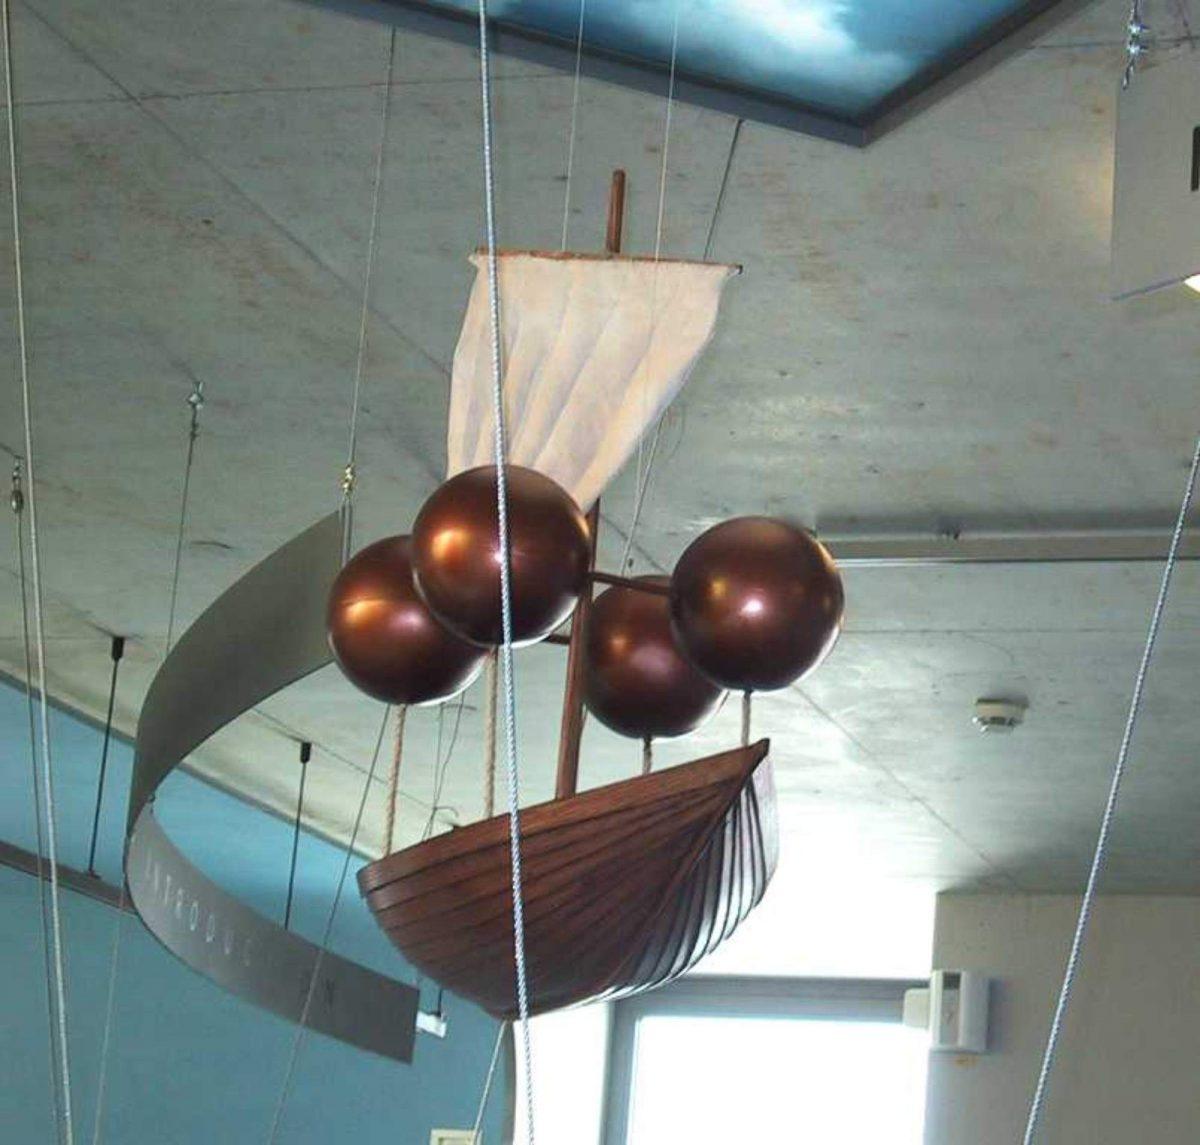 Luftschiff Lana – Ballonmuesum Gersthofen